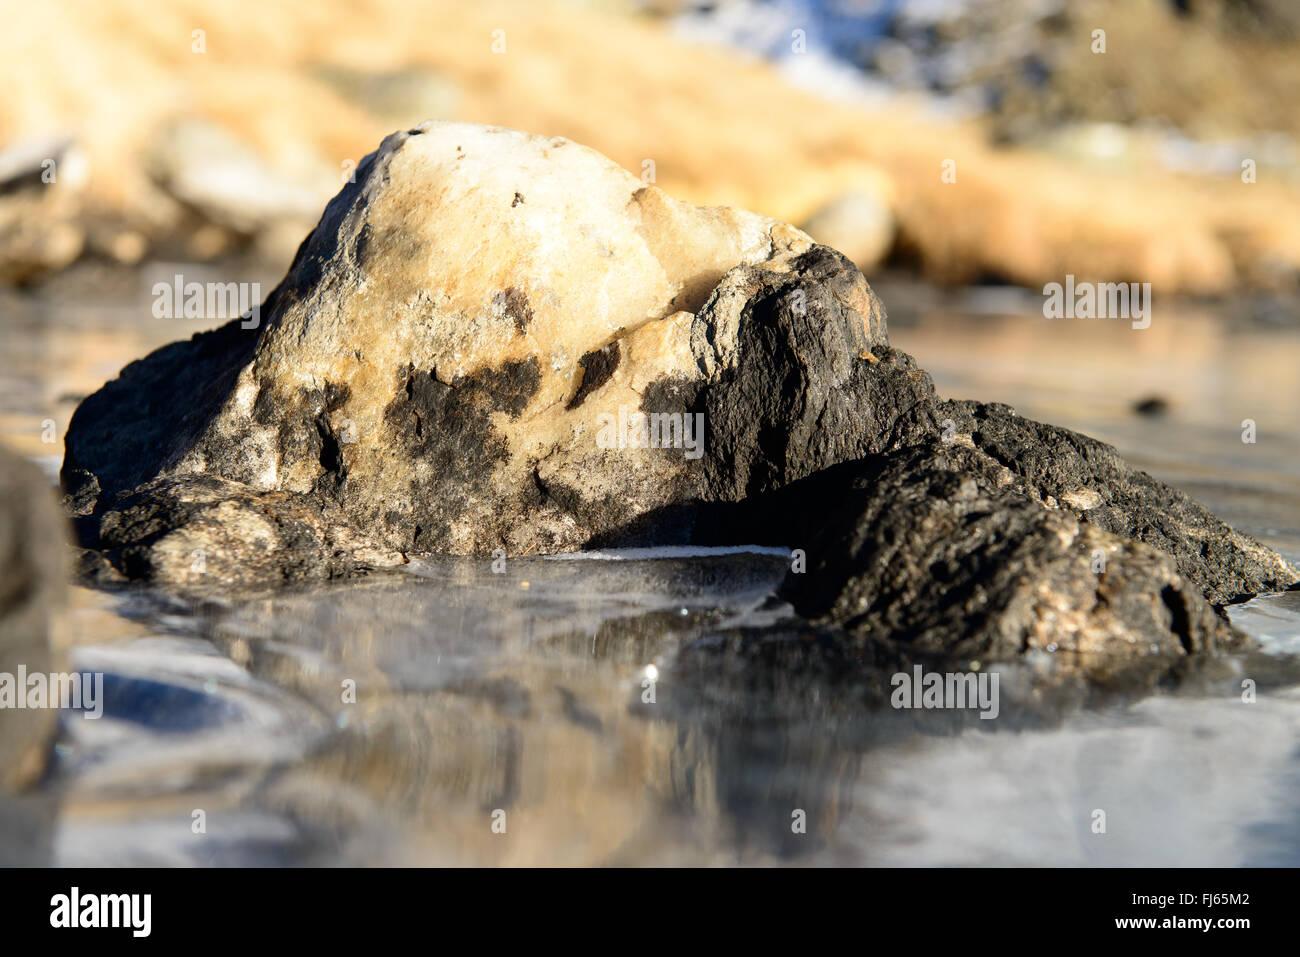 Gefrohrener Stein / frozen stone - Stock Image